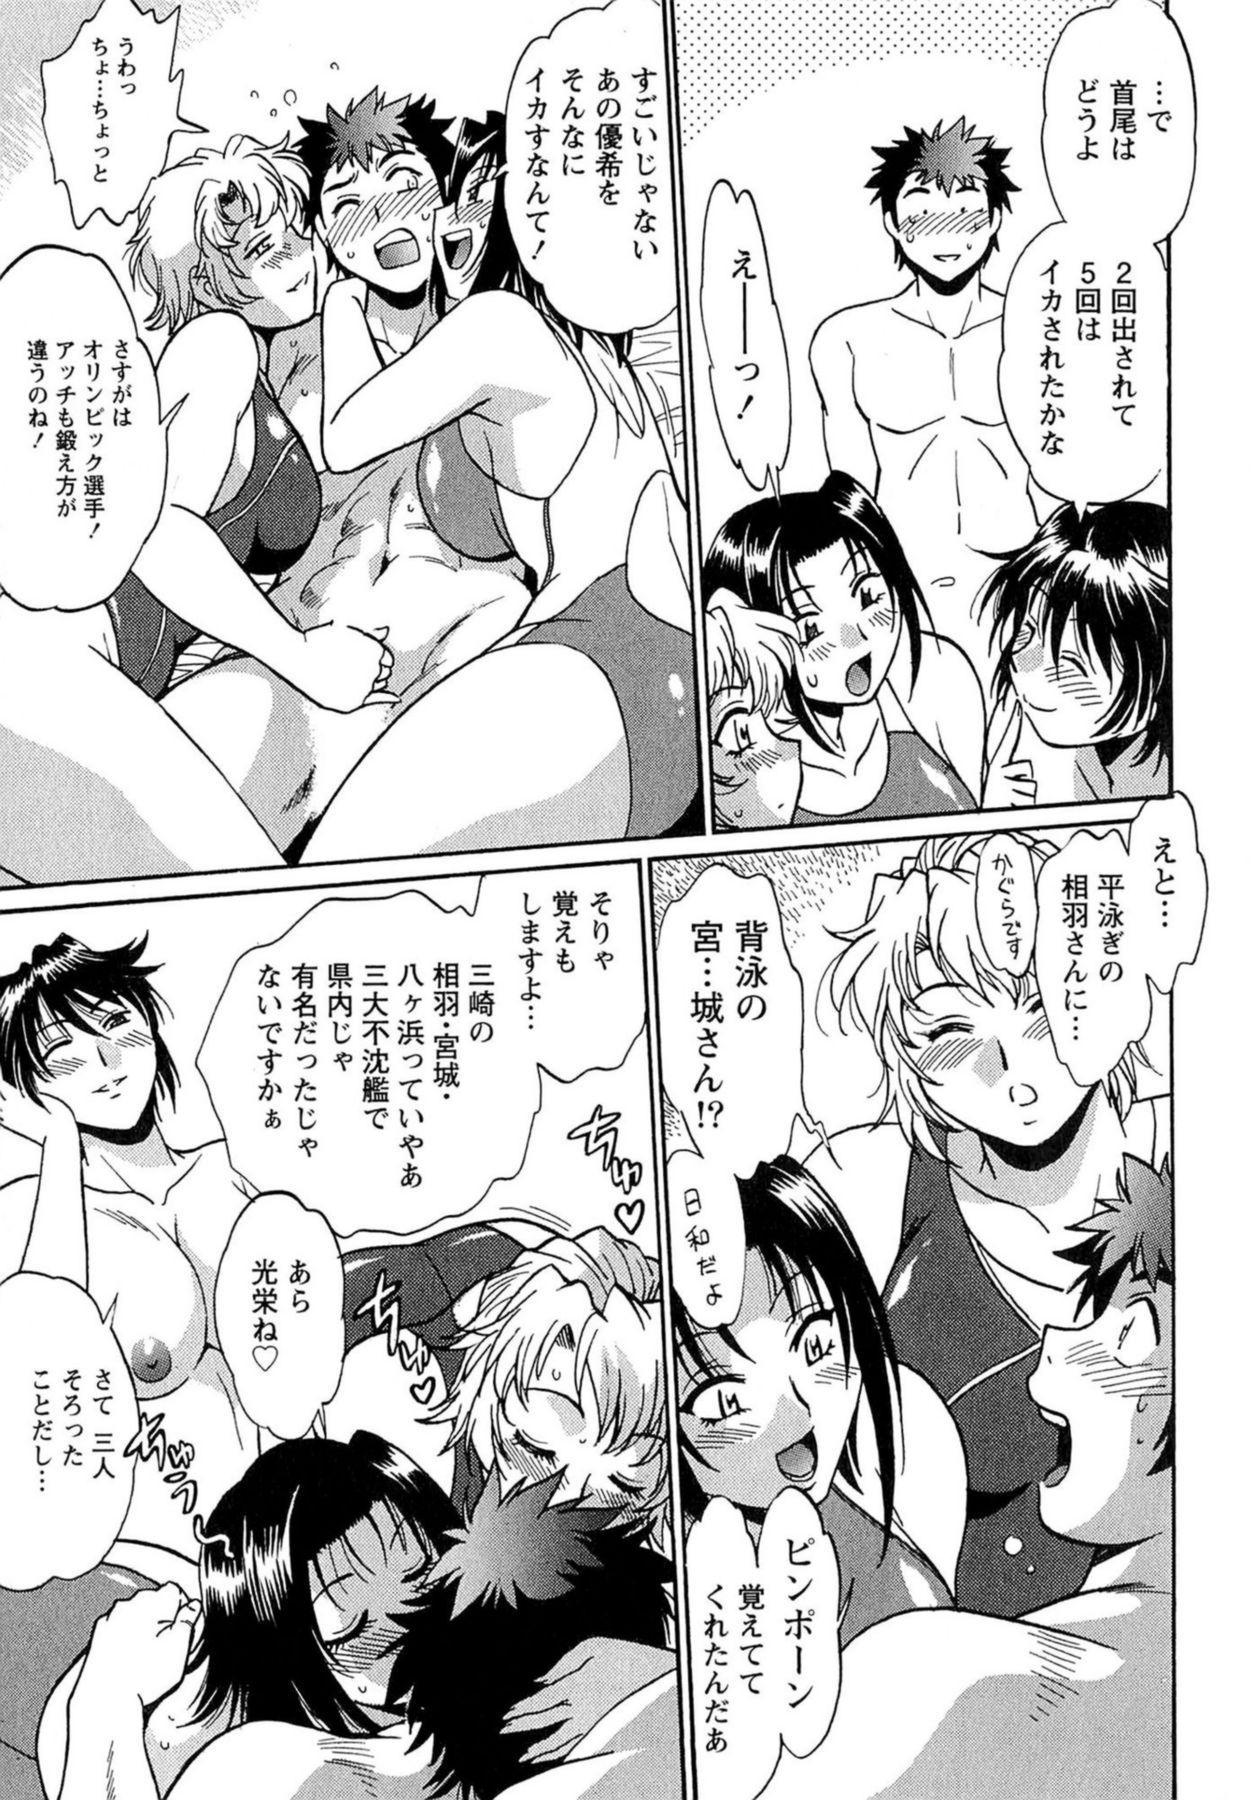 Kuikomi wo Naoshiteru Hima wa Nai! Vol. 1 129